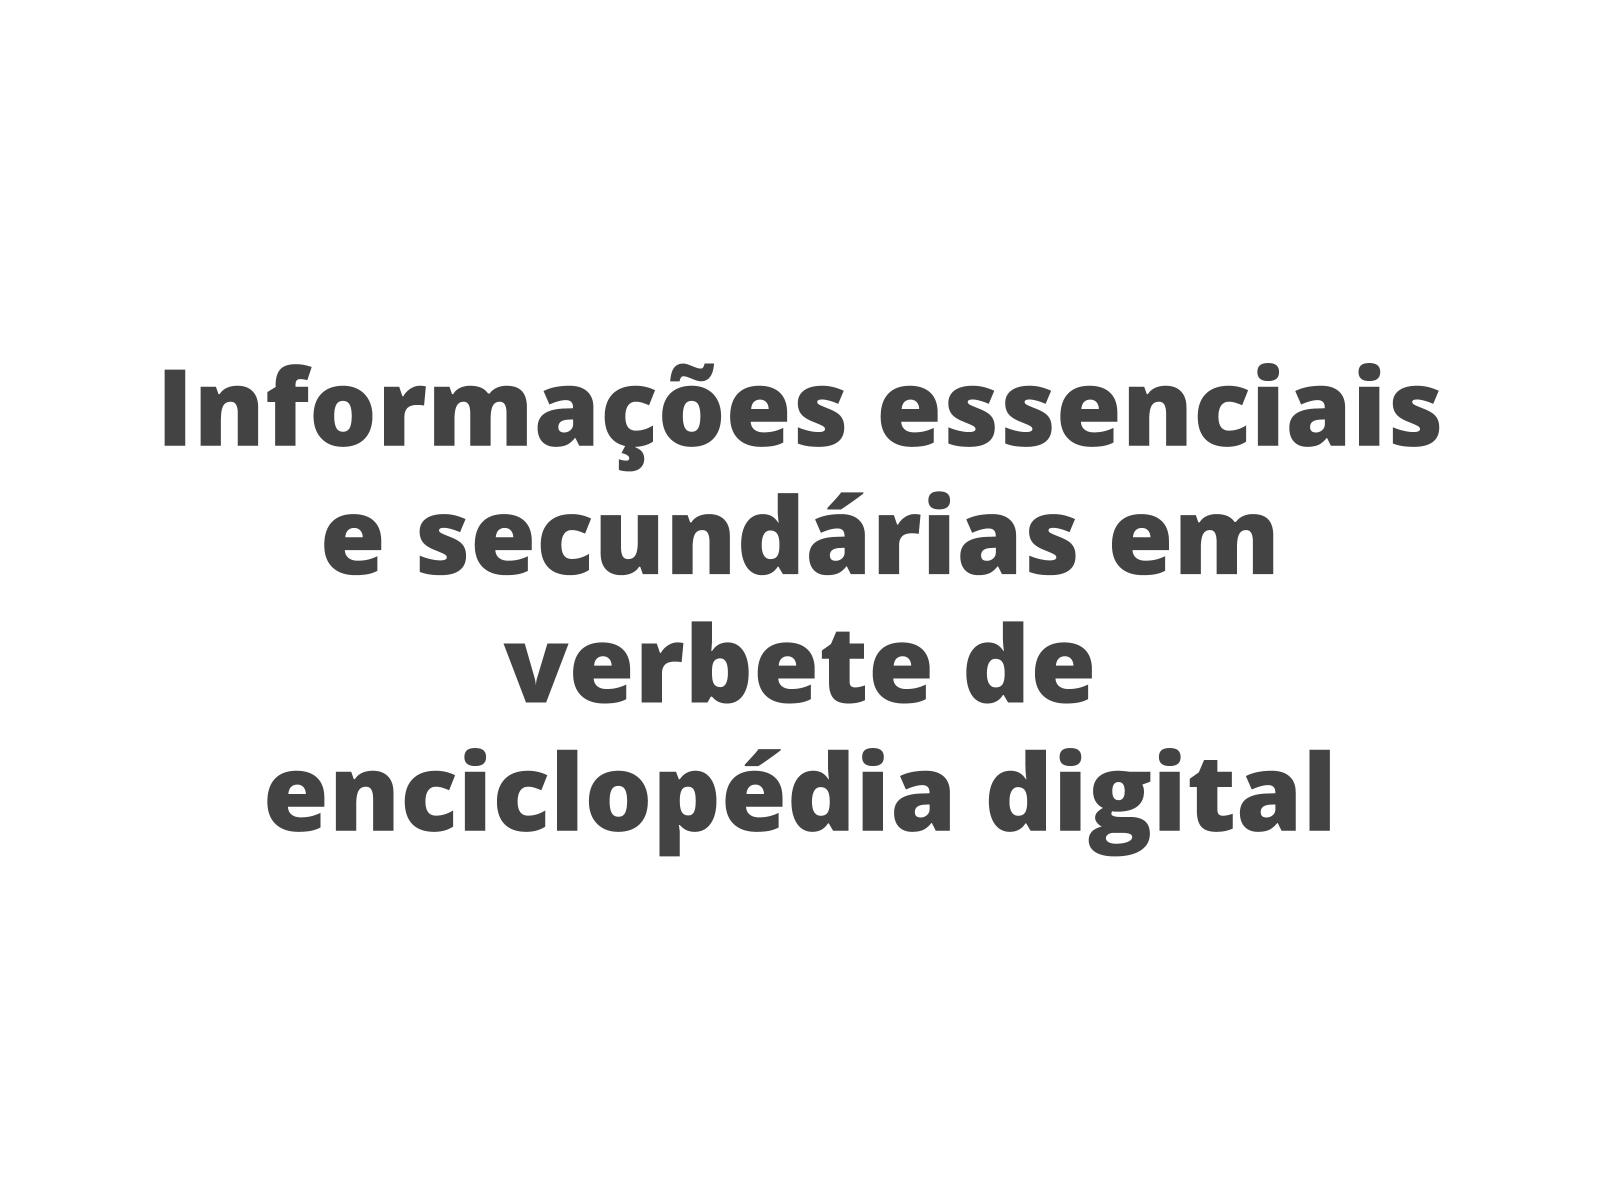 Verbete enciclopédico digital: dados relevantes e secundários